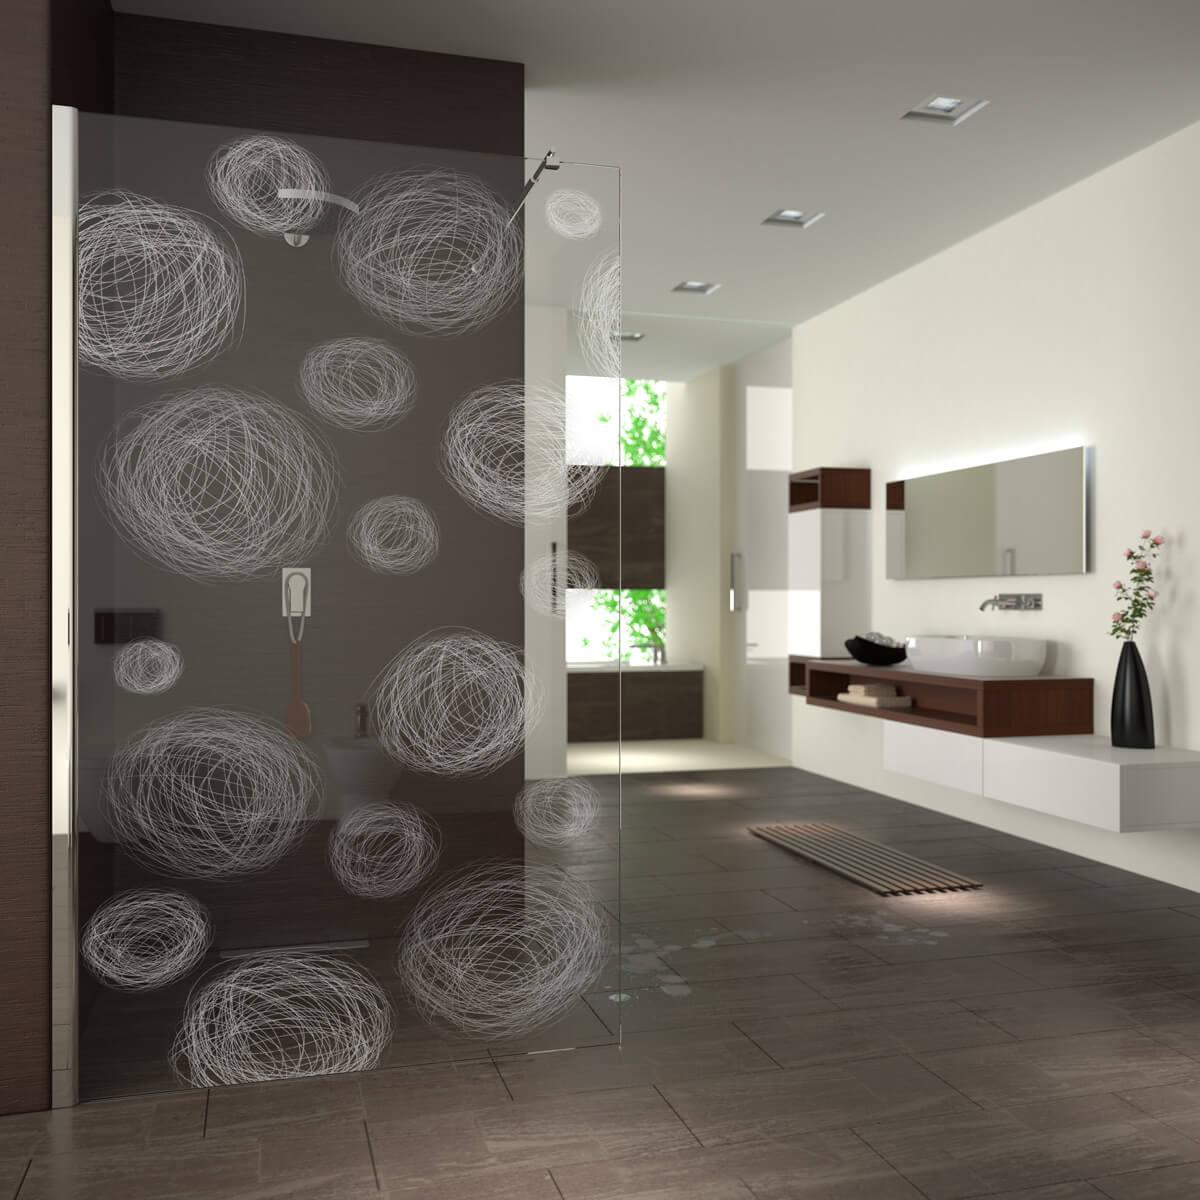 walk in dusche gelasert mit motiv gezeichnete kugeln 989708665. Black Bedroom Furniture Sets. Home Design Ideas